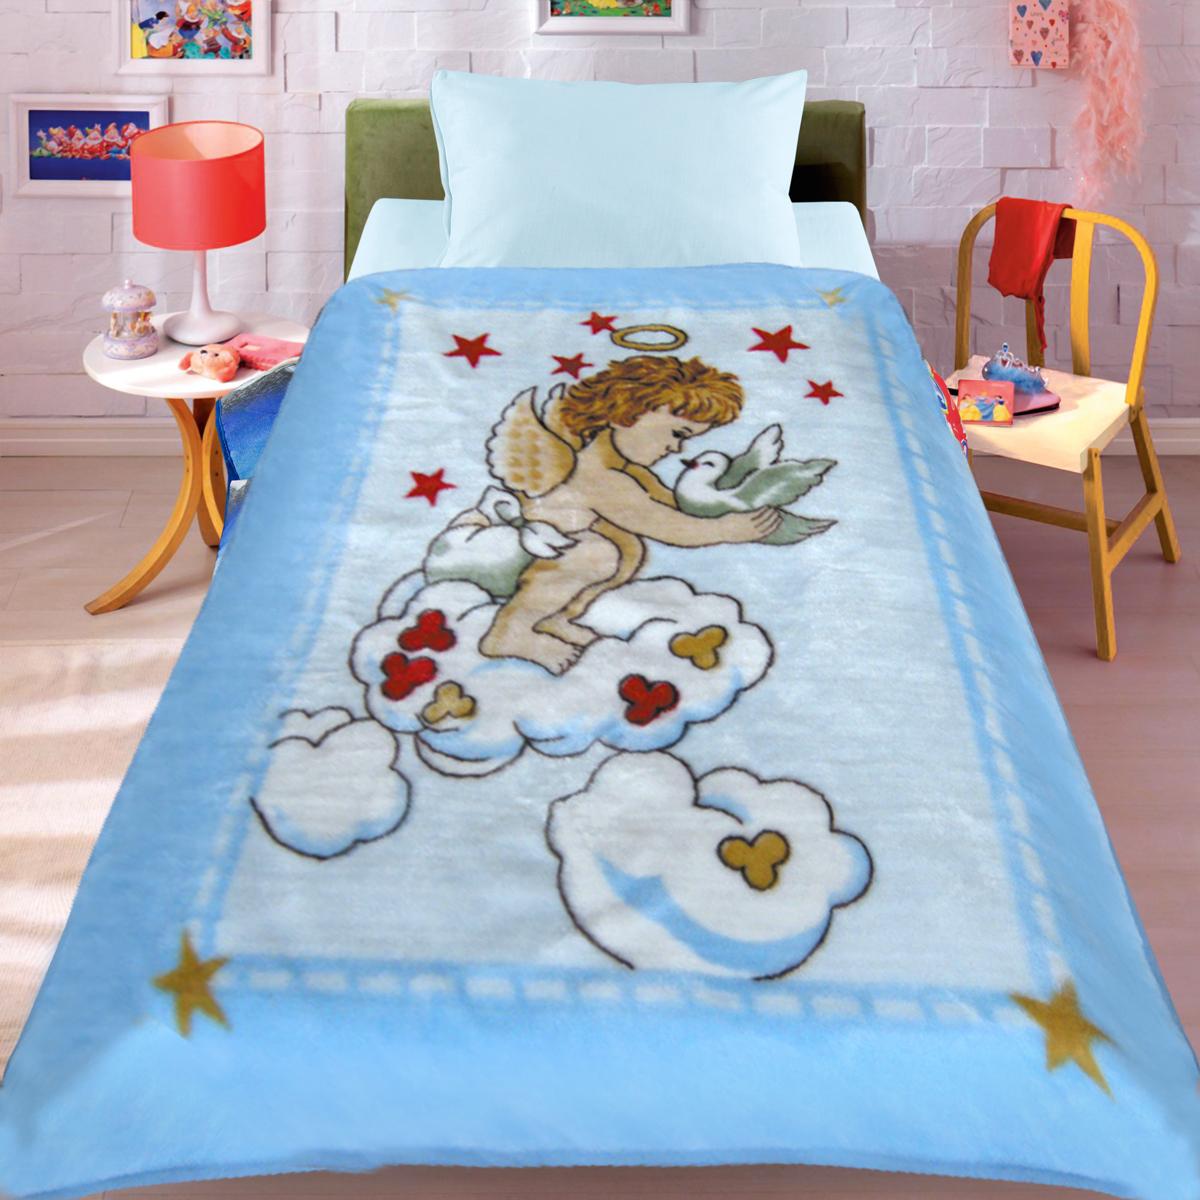 Купить со скидкой Покрывала, подушки, одеяла для малышей TexRepublic